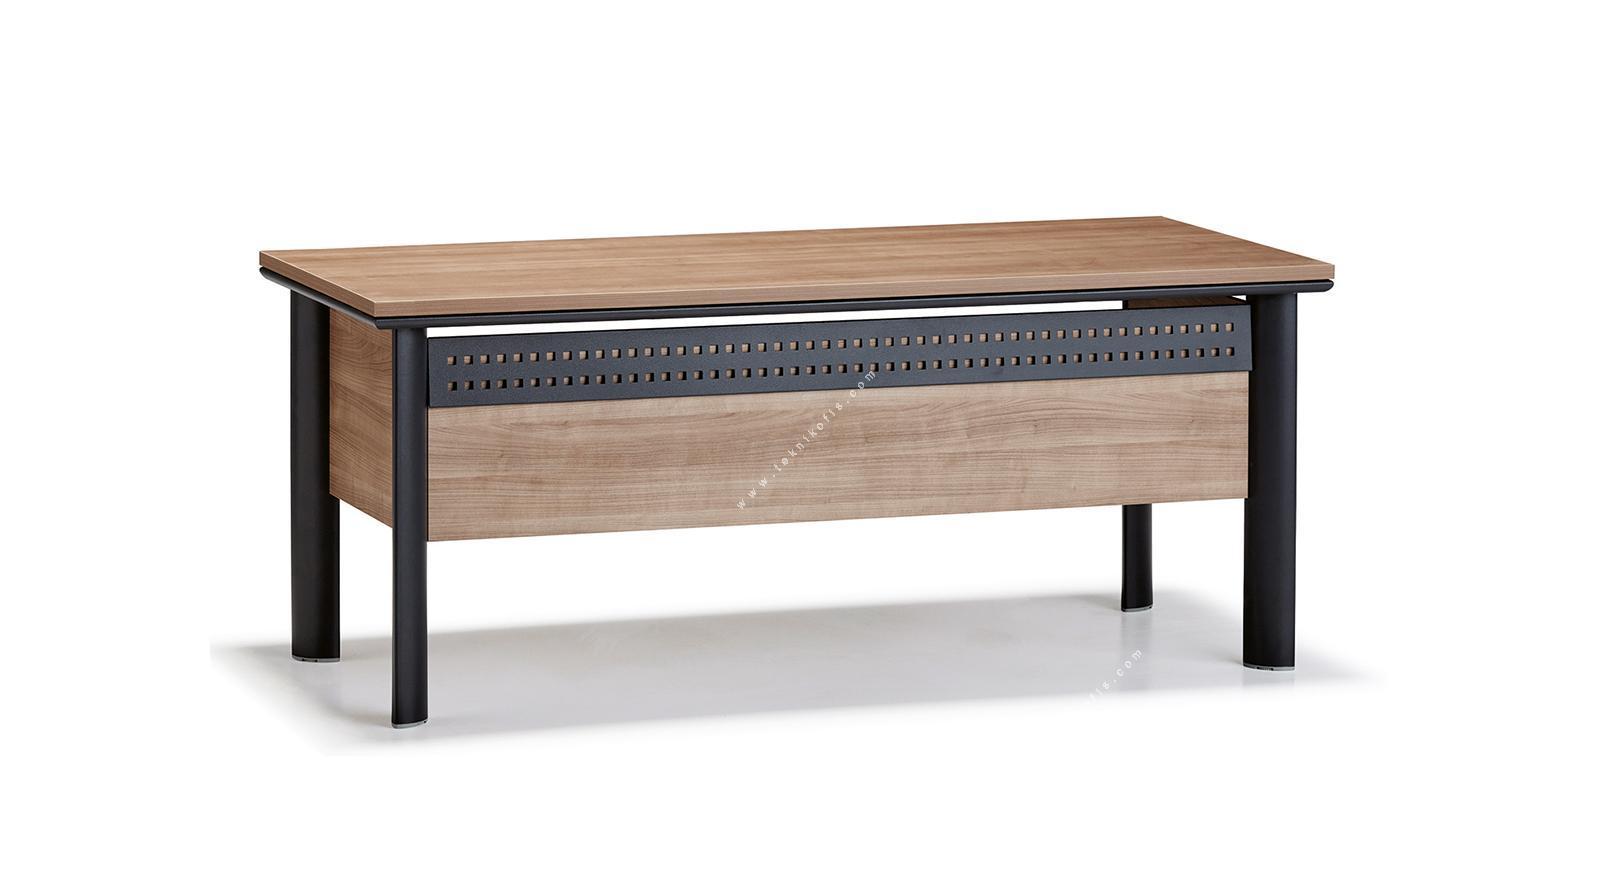 trula metal perdeli çalışma masası 160cm